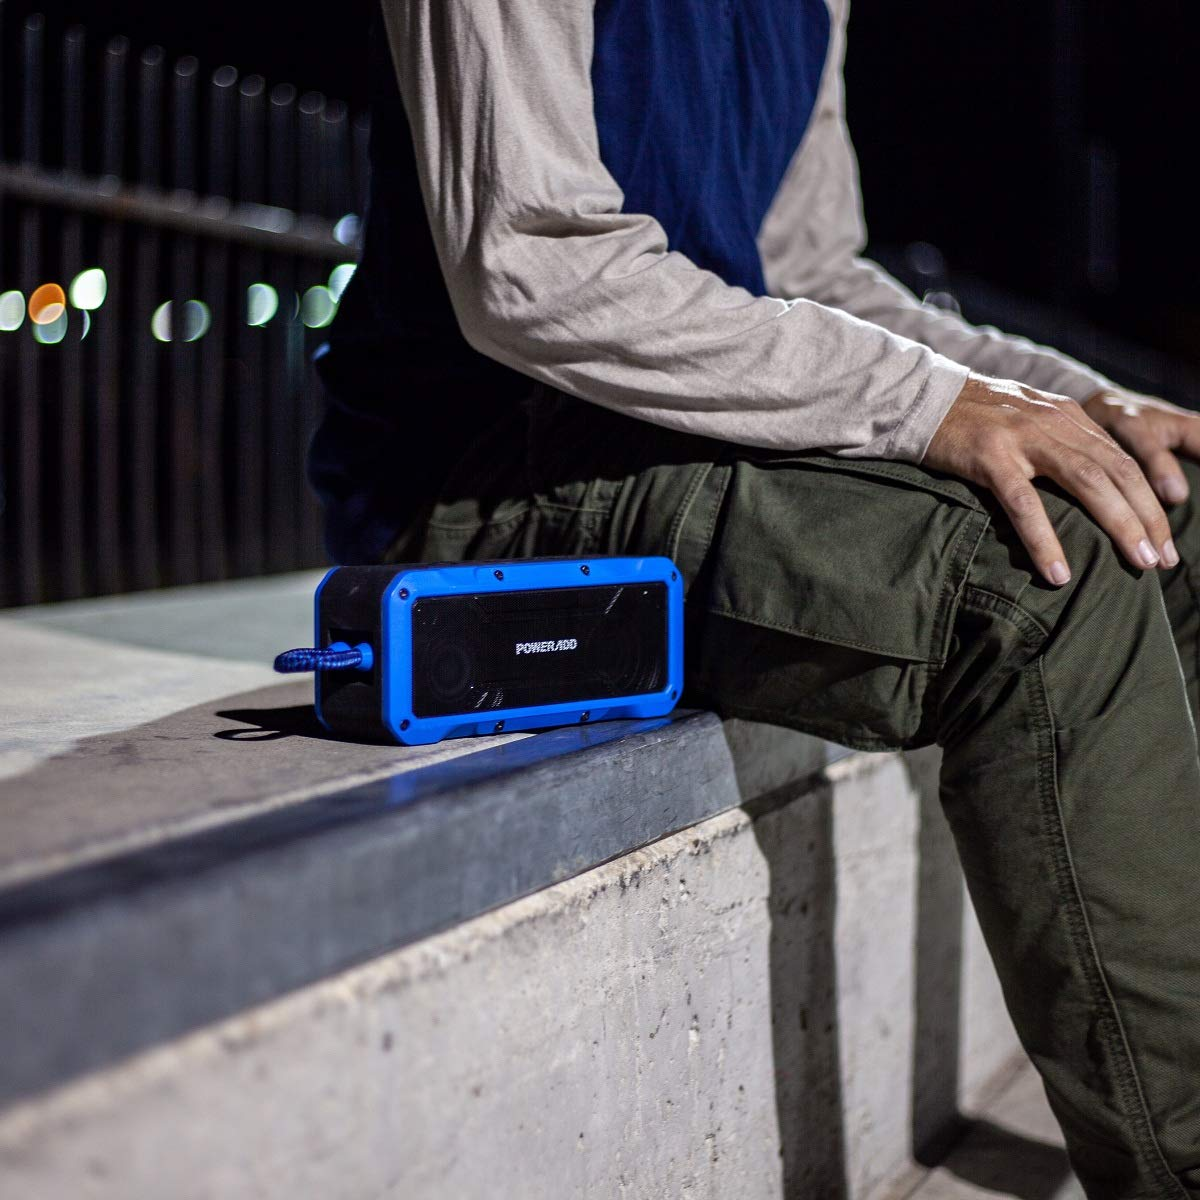 POWERADD Enceinte Bluetooth Portable Grande Capacité Haut Parleur Waterproof Sans Fil Imperméable IPX7 Anti-Choc et Anti-Sable avec Fonction Main Libre pour Android, iPhone et Autres Appareils - Bleu